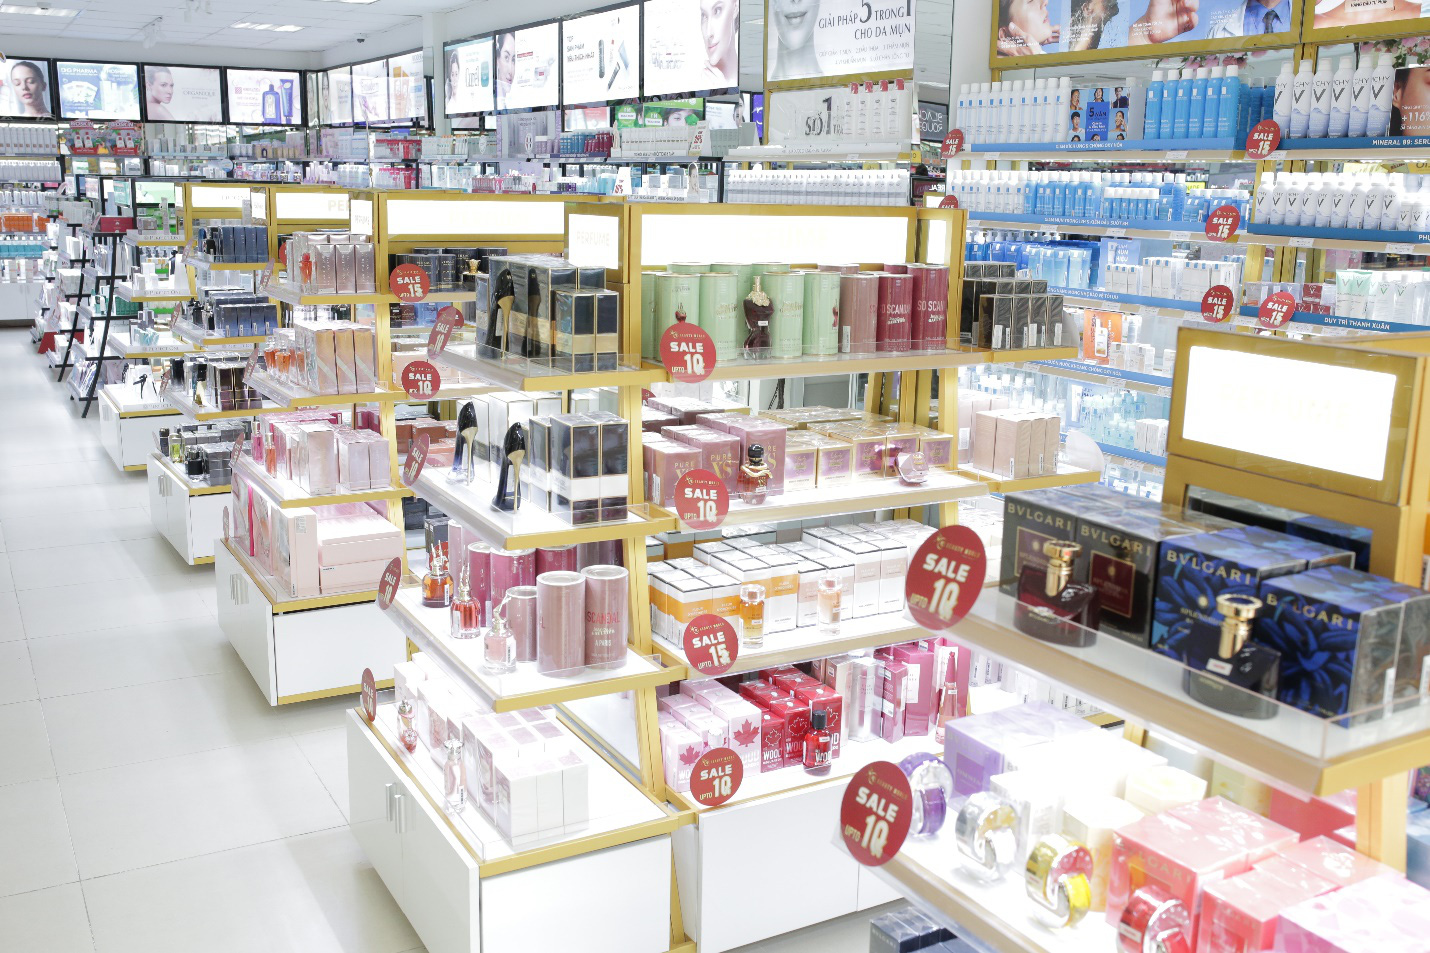 3.000 mỹ phẩm chính hãng giảm 50% giá nhân khai trương siêu thị AB Beauty World 3 - Ảnh 3.